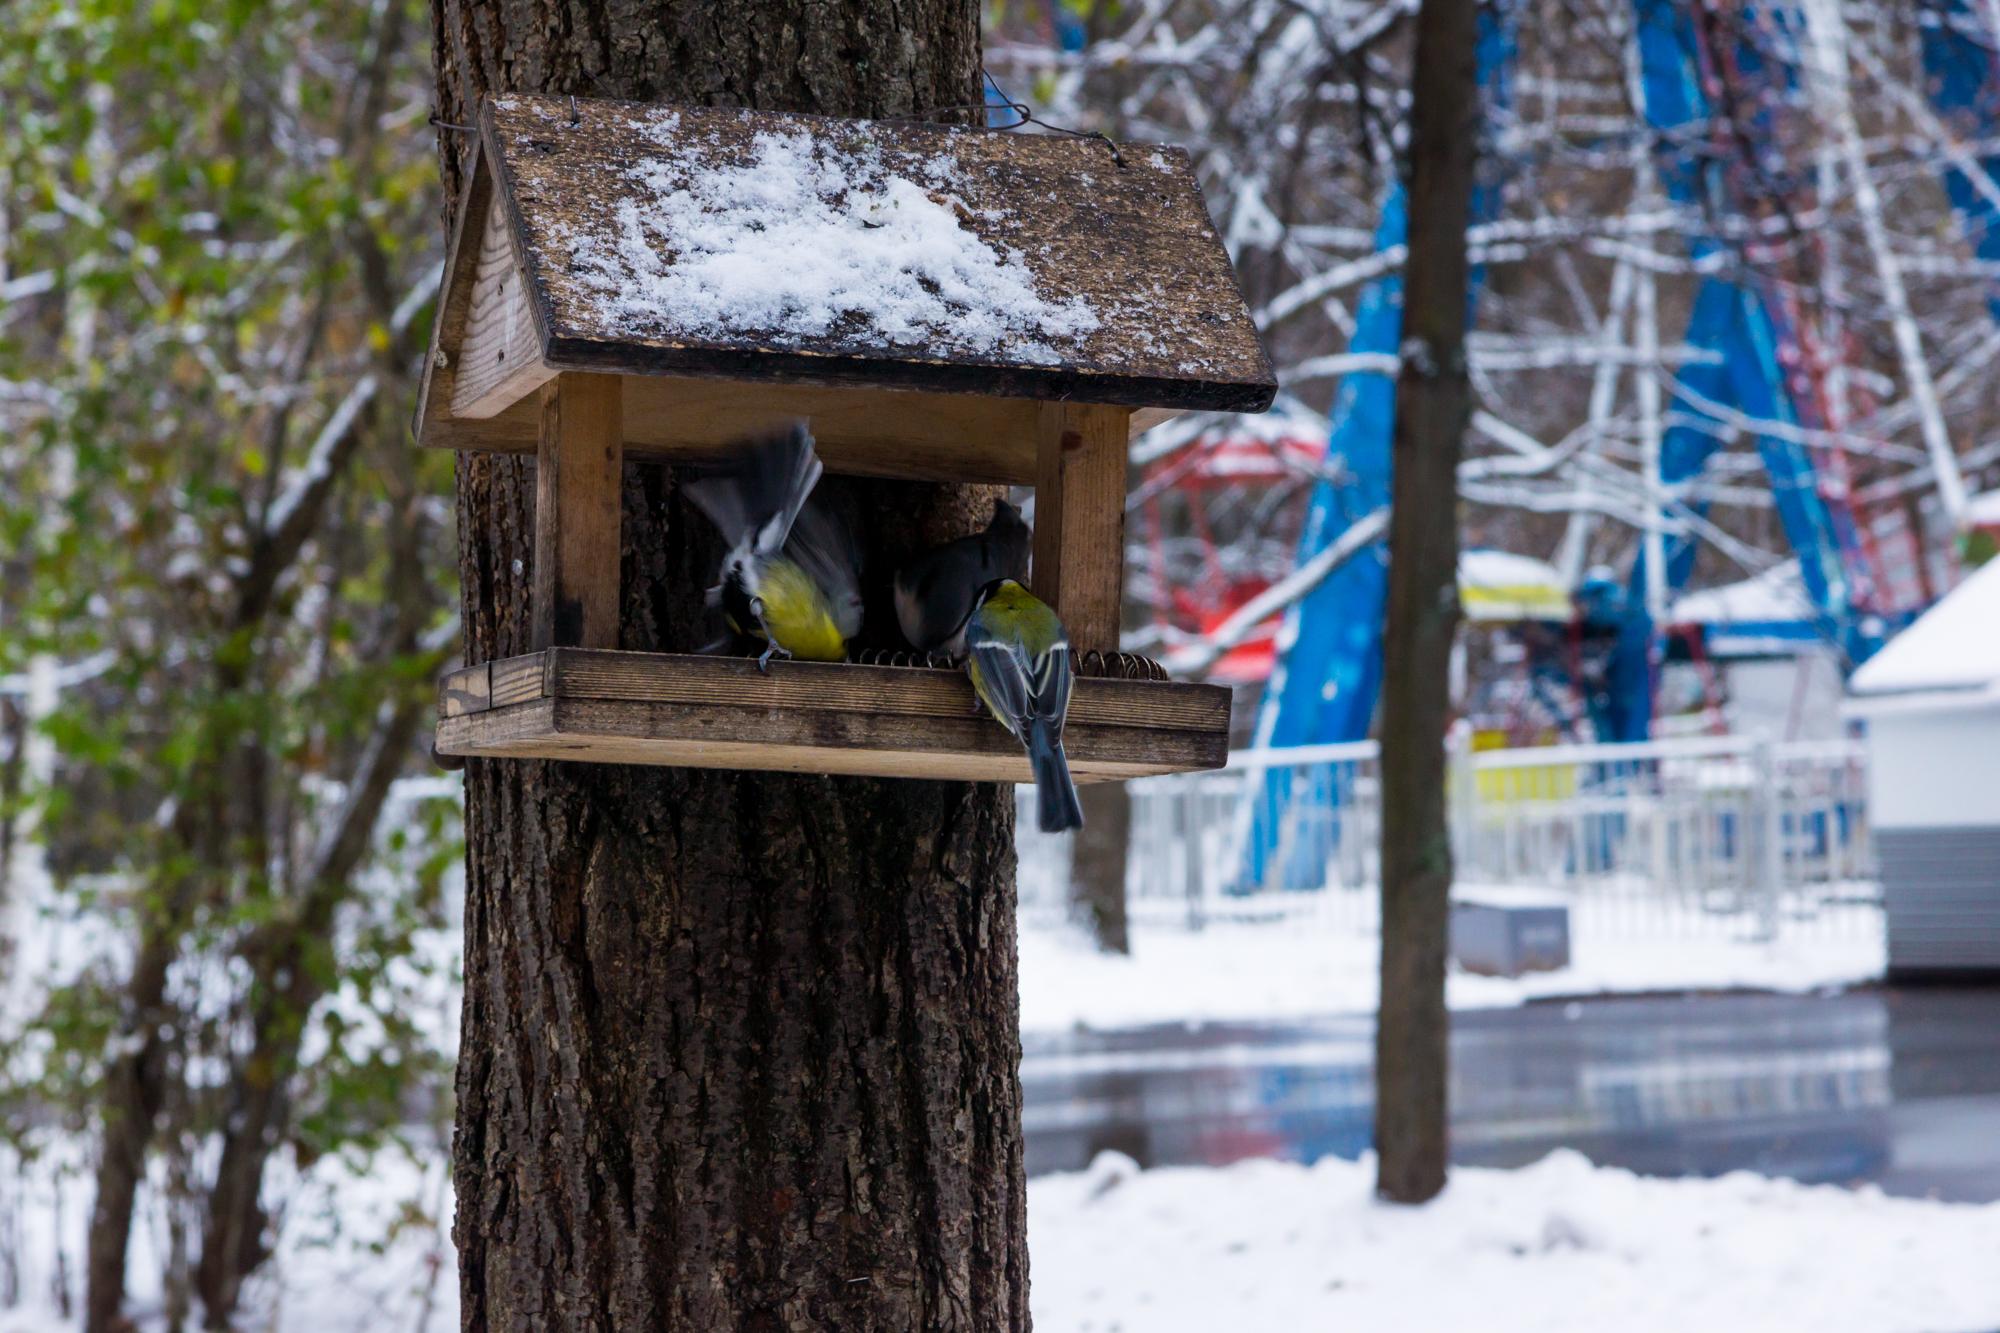 Vögel im Park